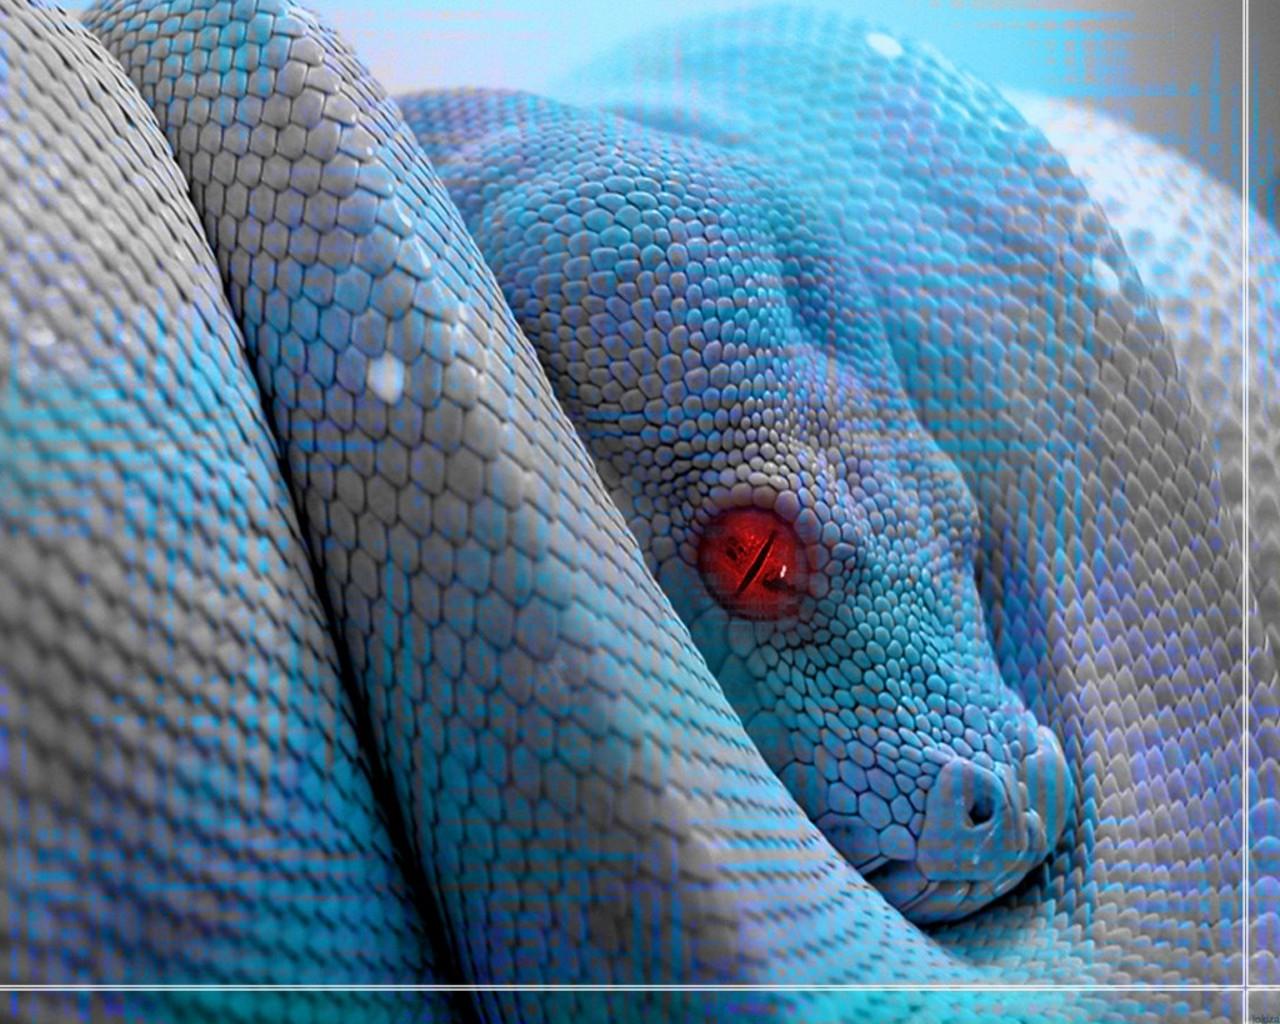 http://1.bp.blogspot.com/_sRGU_JXOz6E/TSsE-ctUSAI/AAAAAAAABJk/nX5ZPNDAVnI/s1600/animals_reptiles-blue-snake-wallpaper_1.jpg